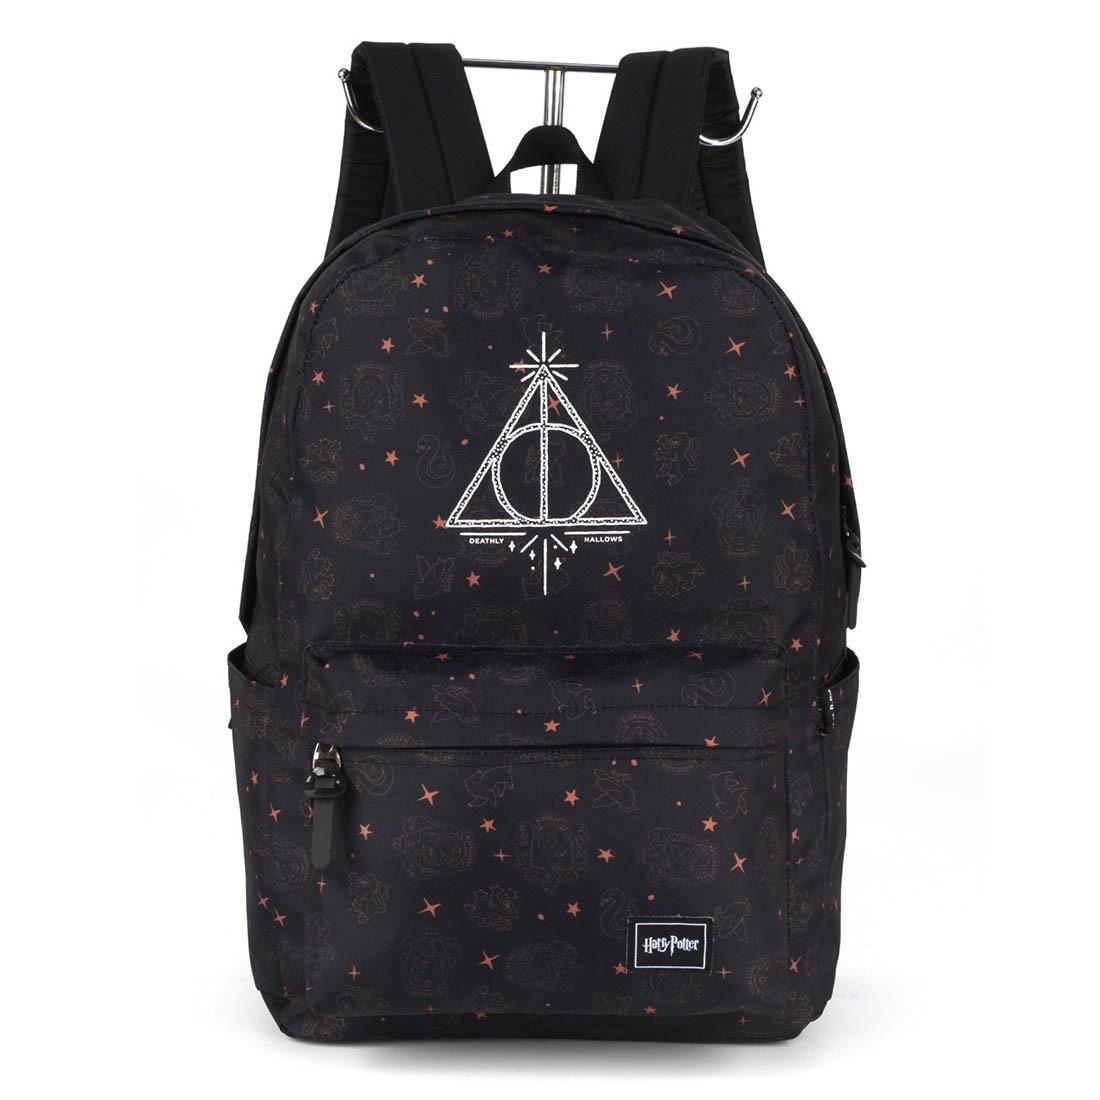 Mochila Harry Potter MS46041HP-PT